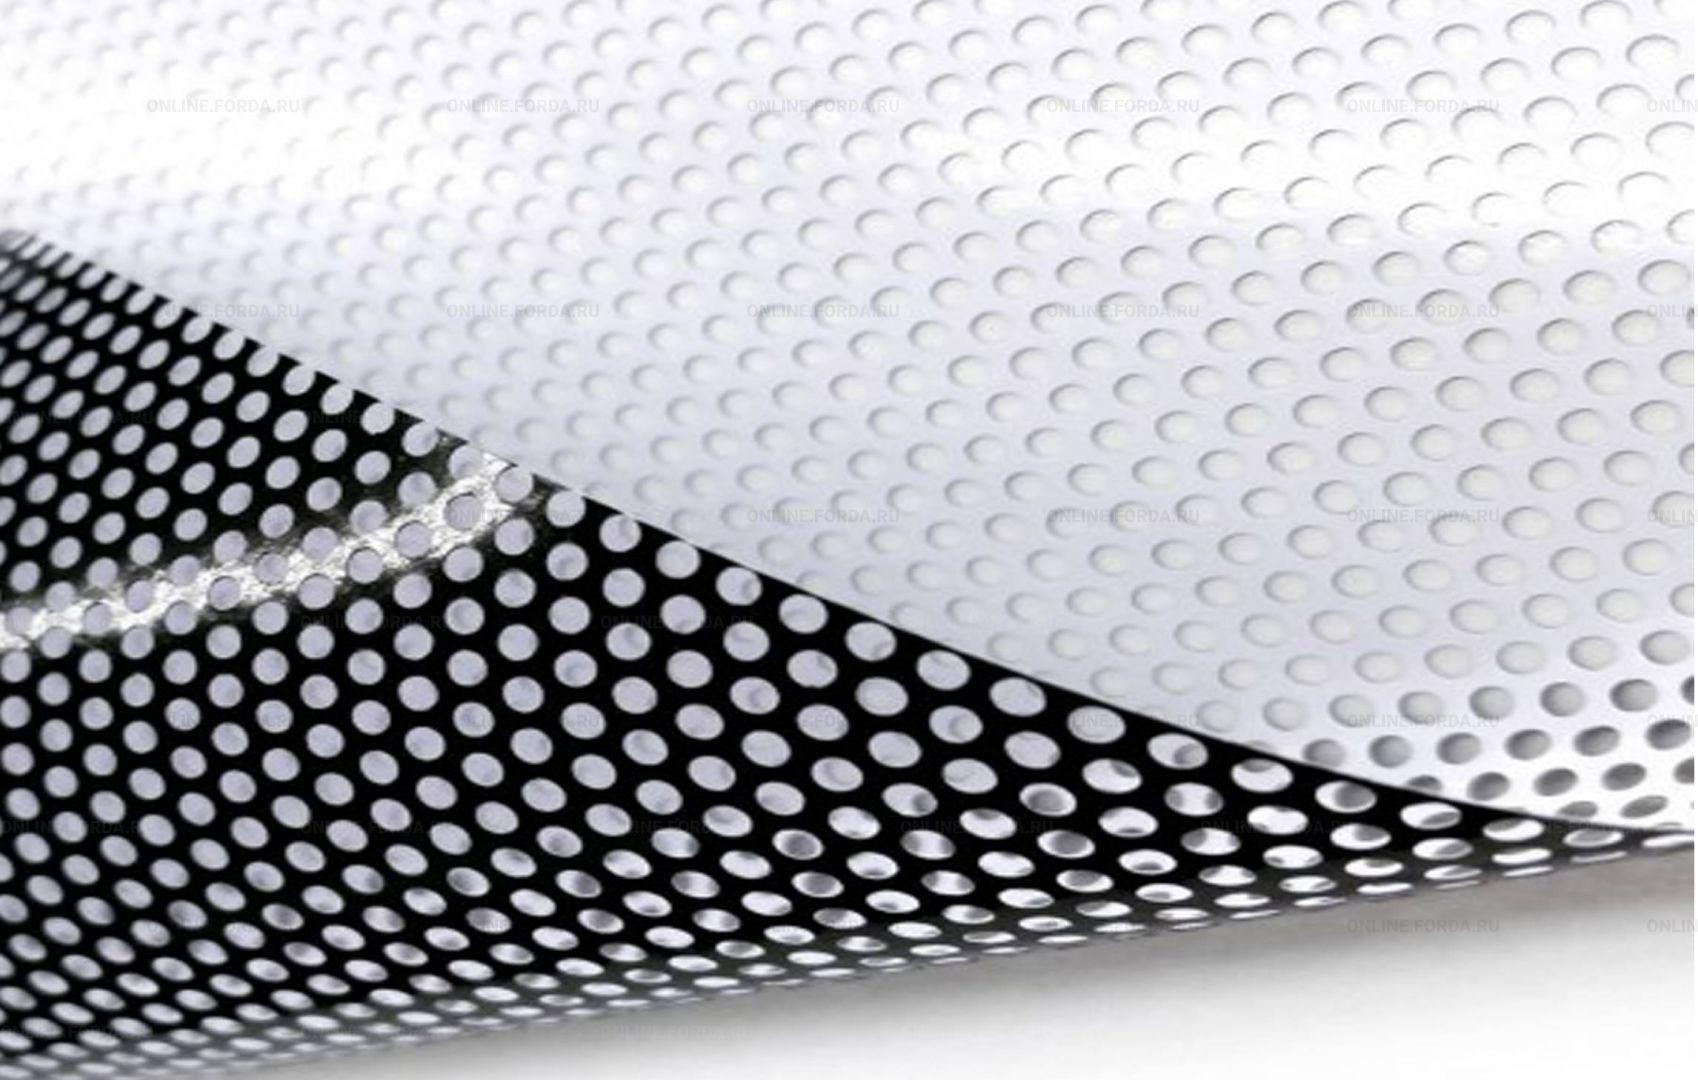 Пленка с перфорацией для оклейки прозрачных поверхностей